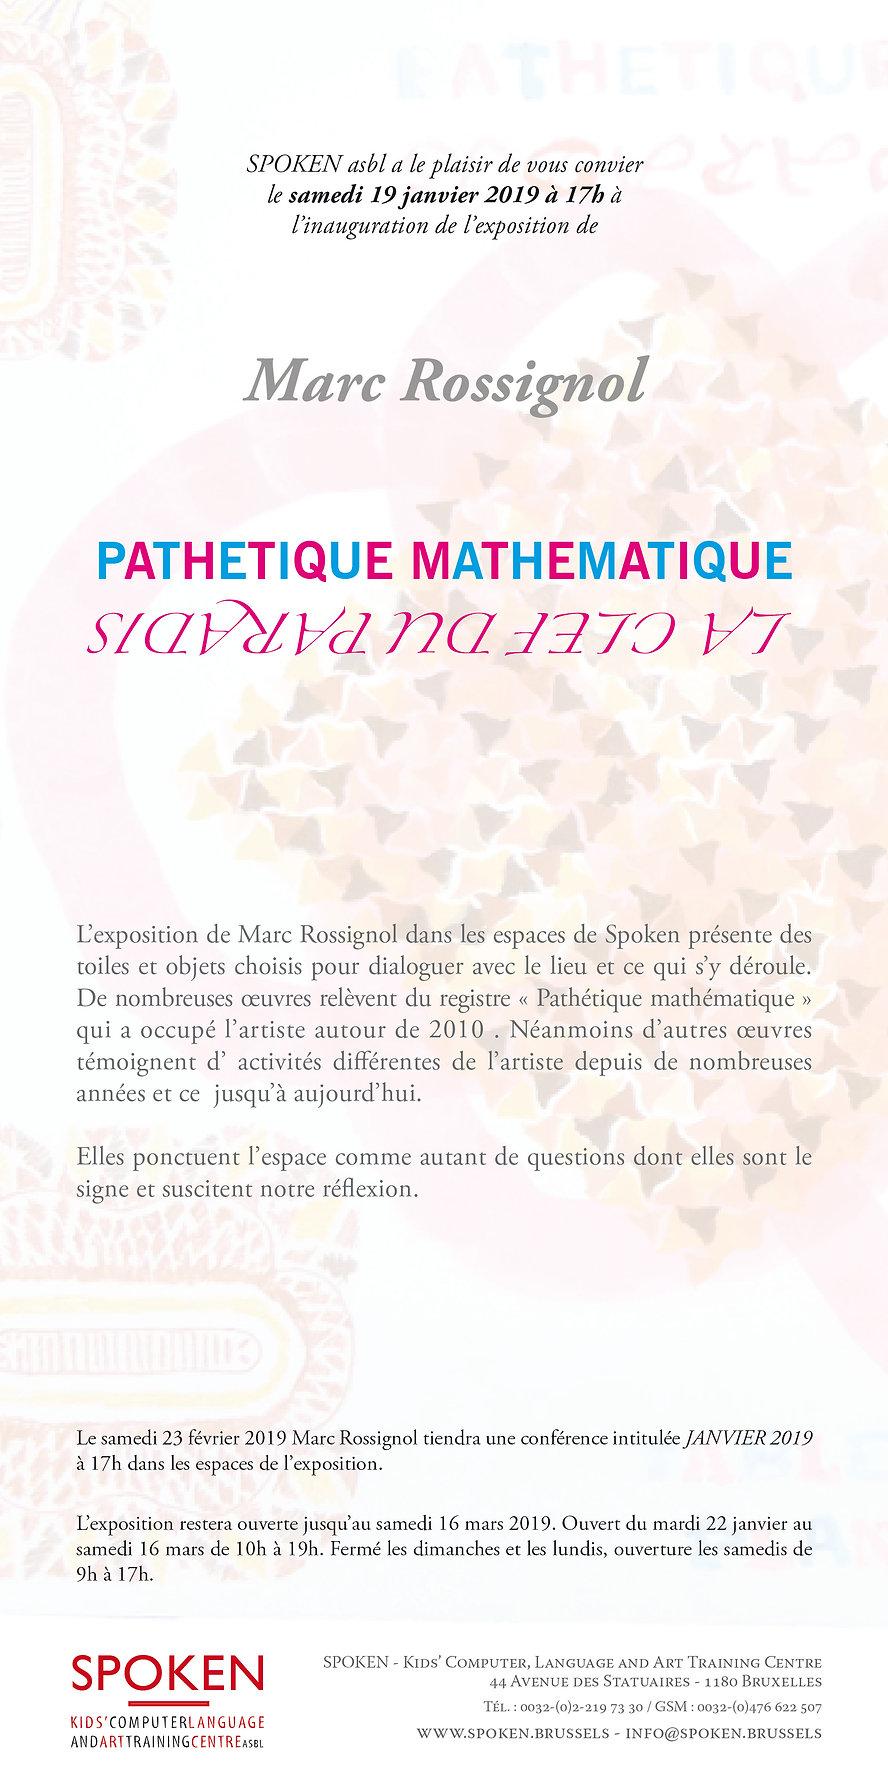 Invitation exposition MARC ROSSIGNOL che